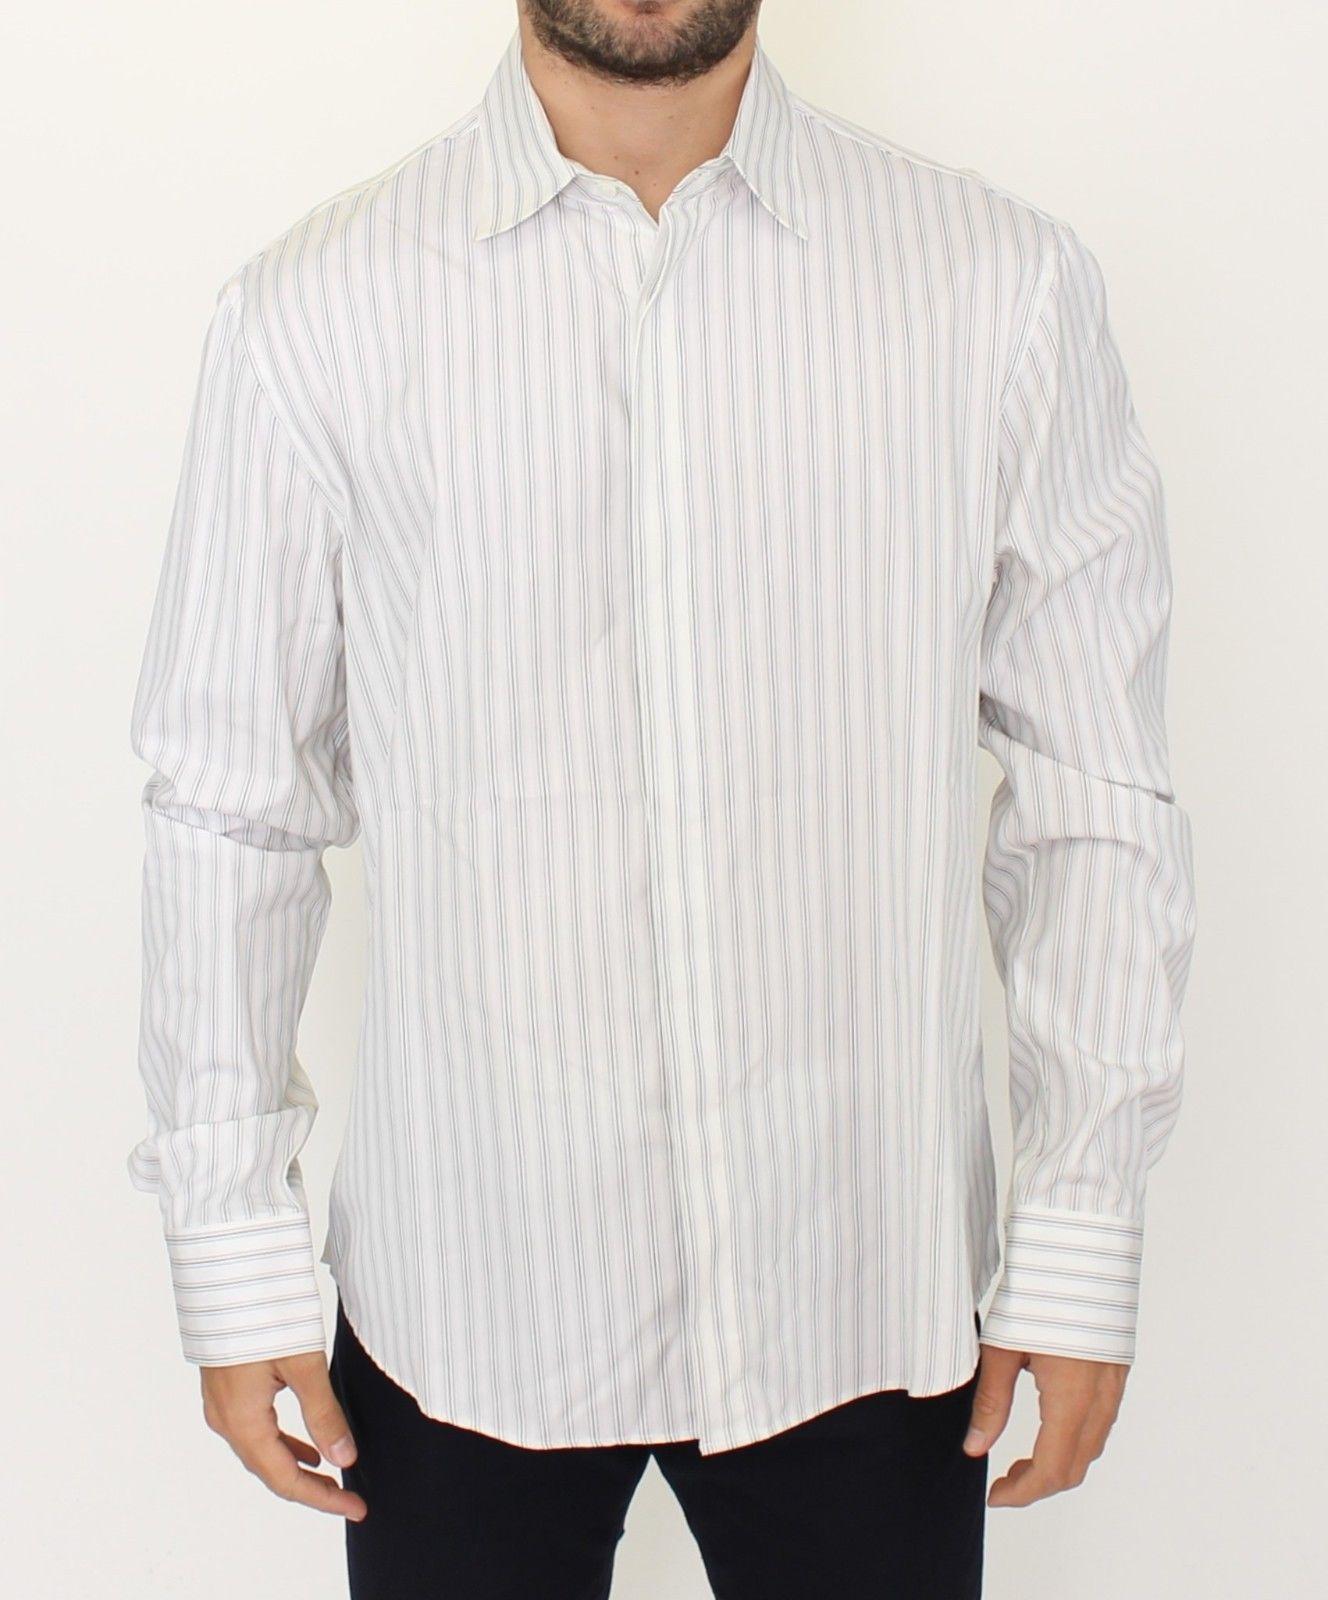 Ermanno Scervino Men's Regular Fit Shirt White SIG10177 - IT54   XL